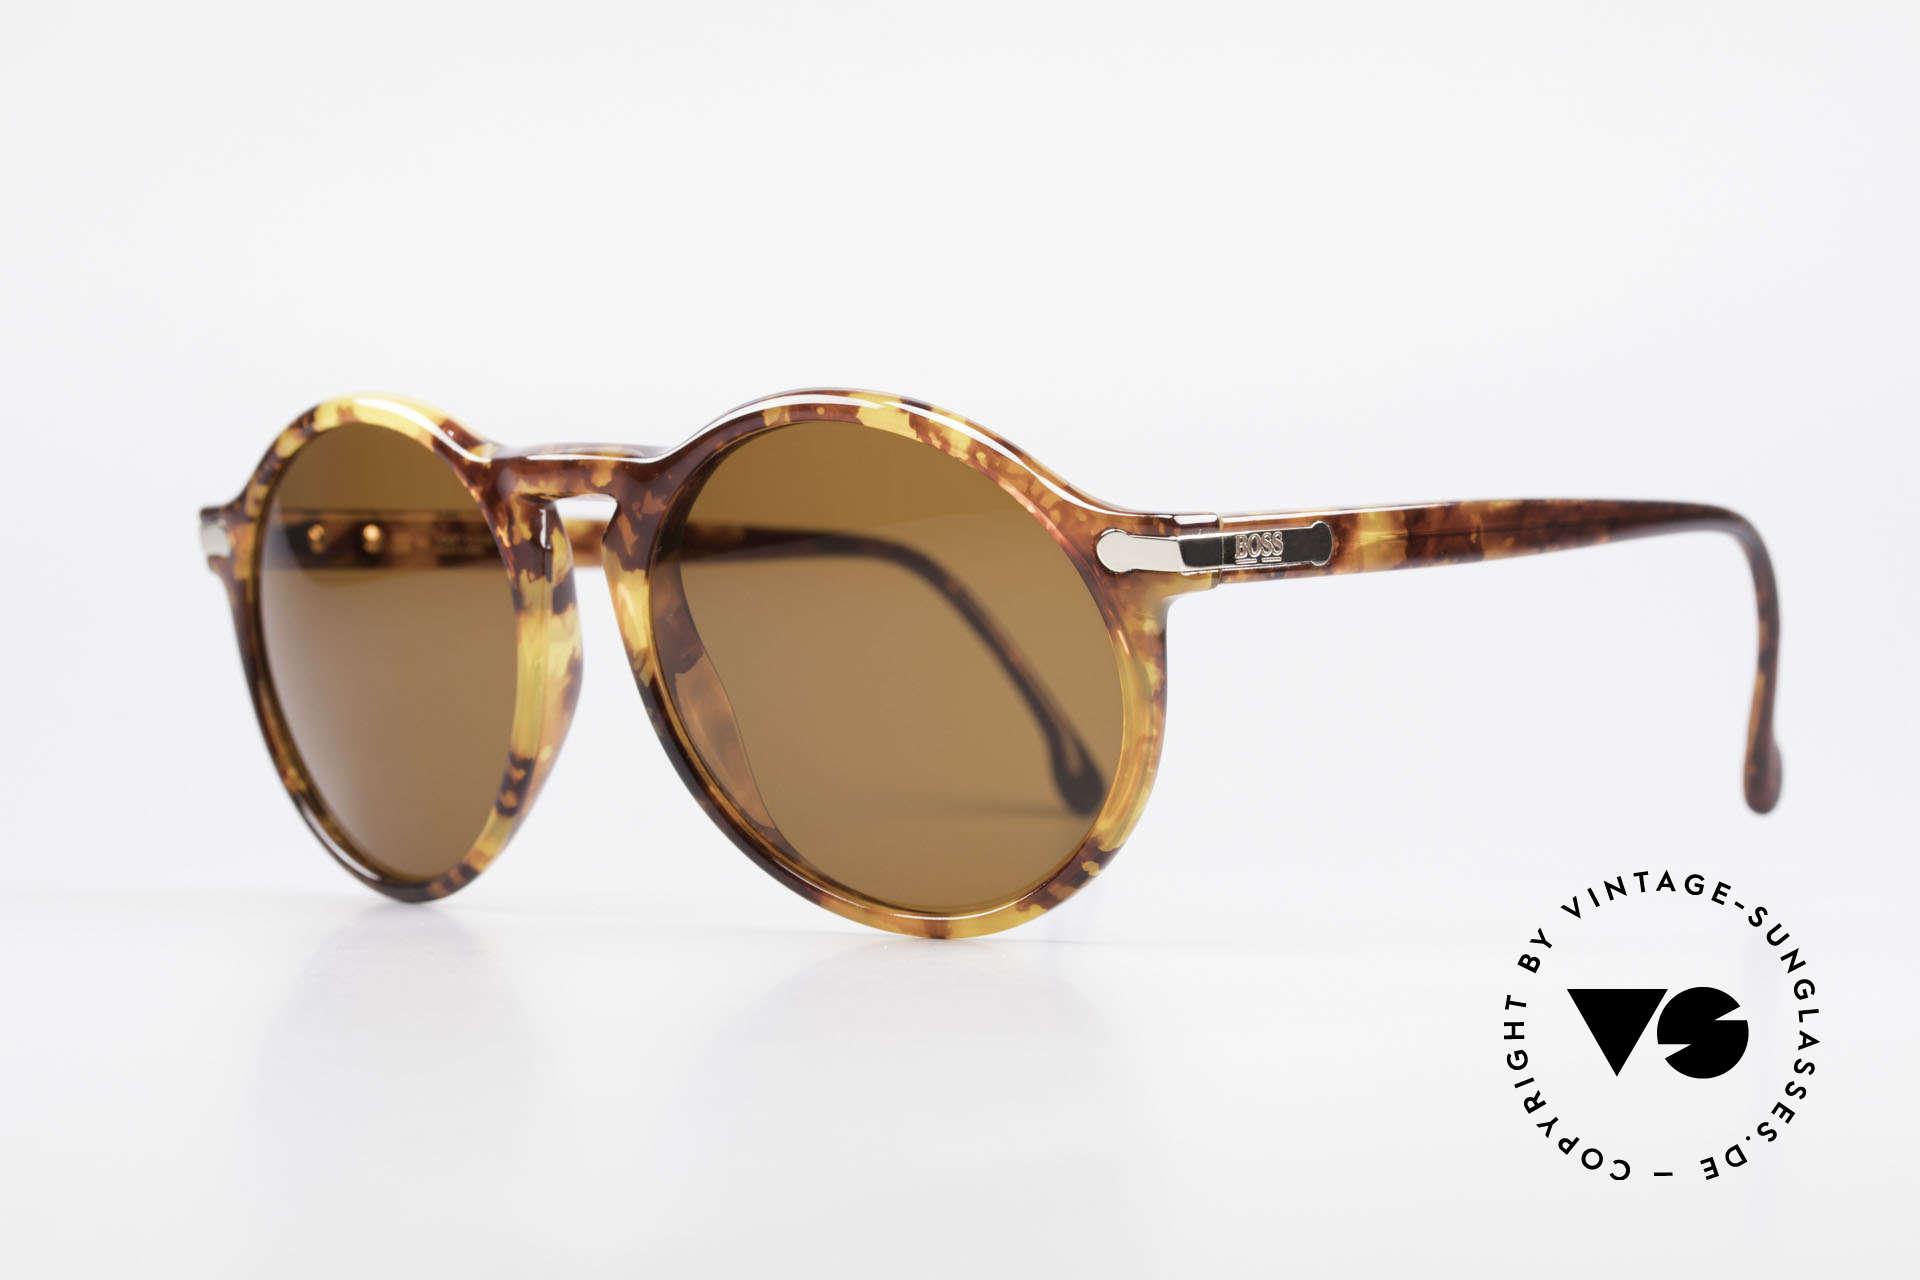 BOSS 5160 Grosse Panto Sonnenbrille, enorm leicht & in Top-Qualität (Optyl-Material), Passend für Herren